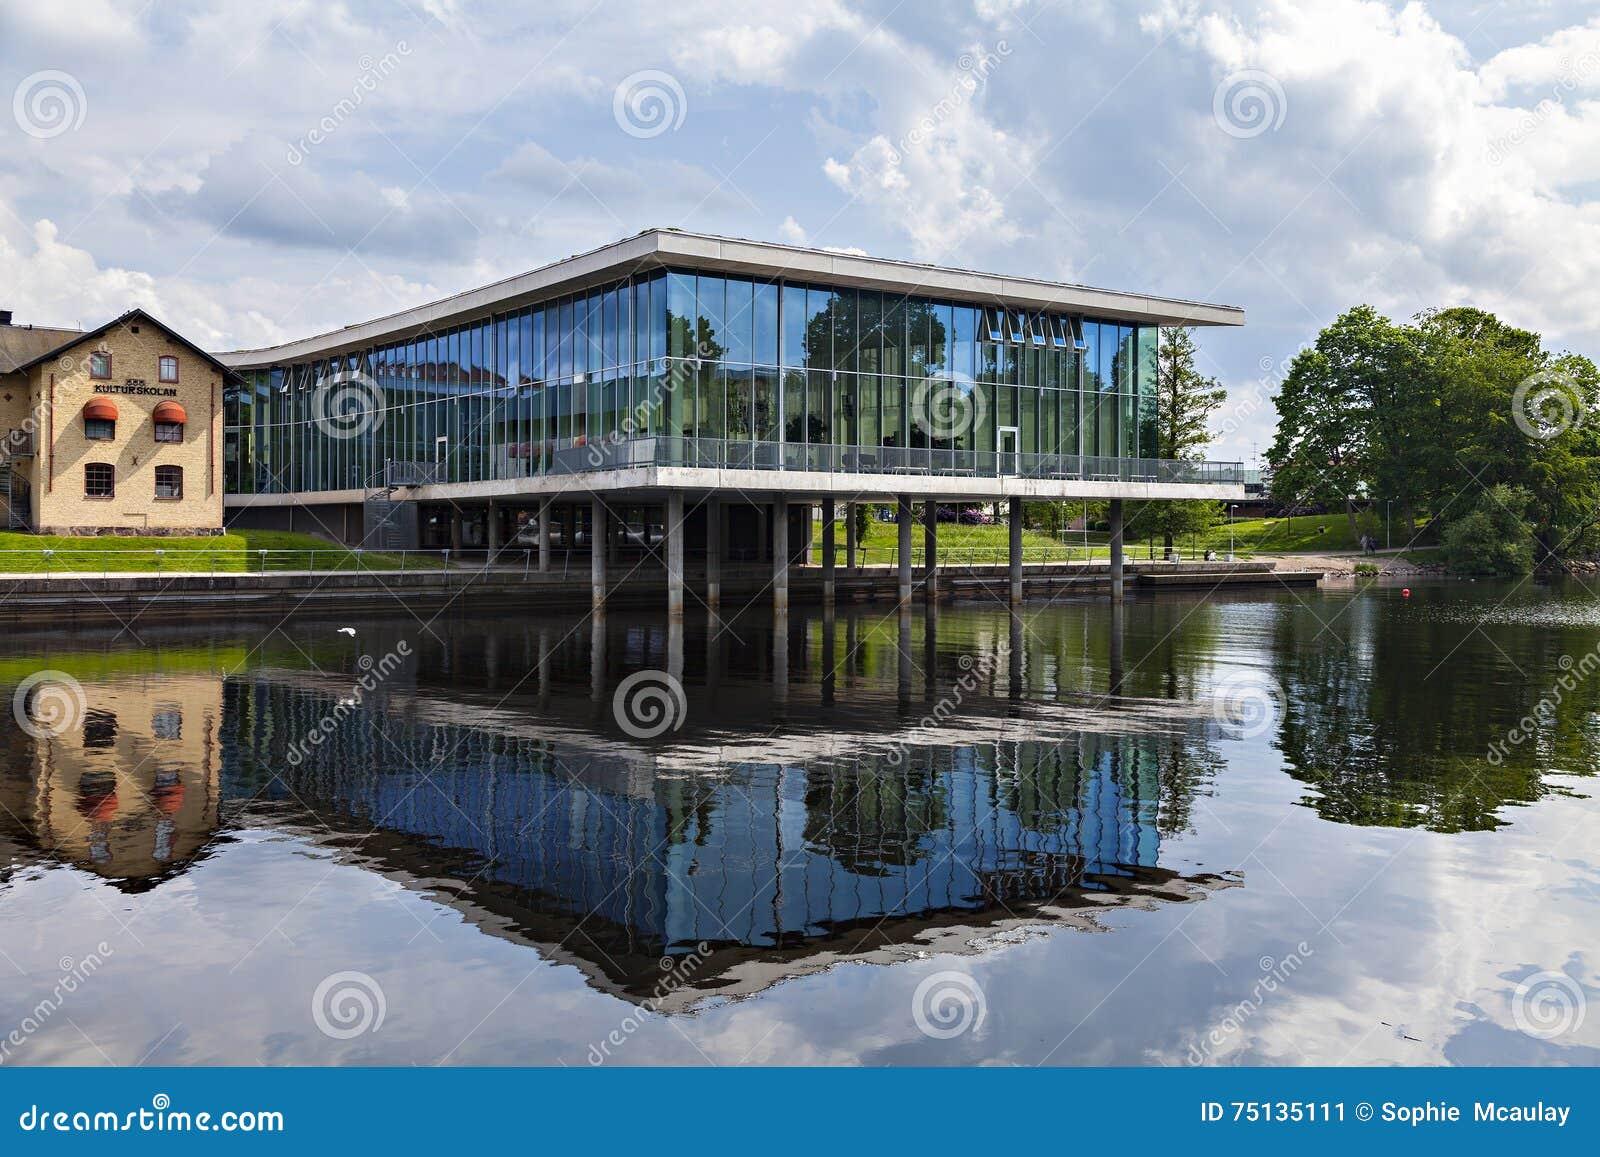 Halmstad Art Exhebition Hall Editorial Photo Image Of